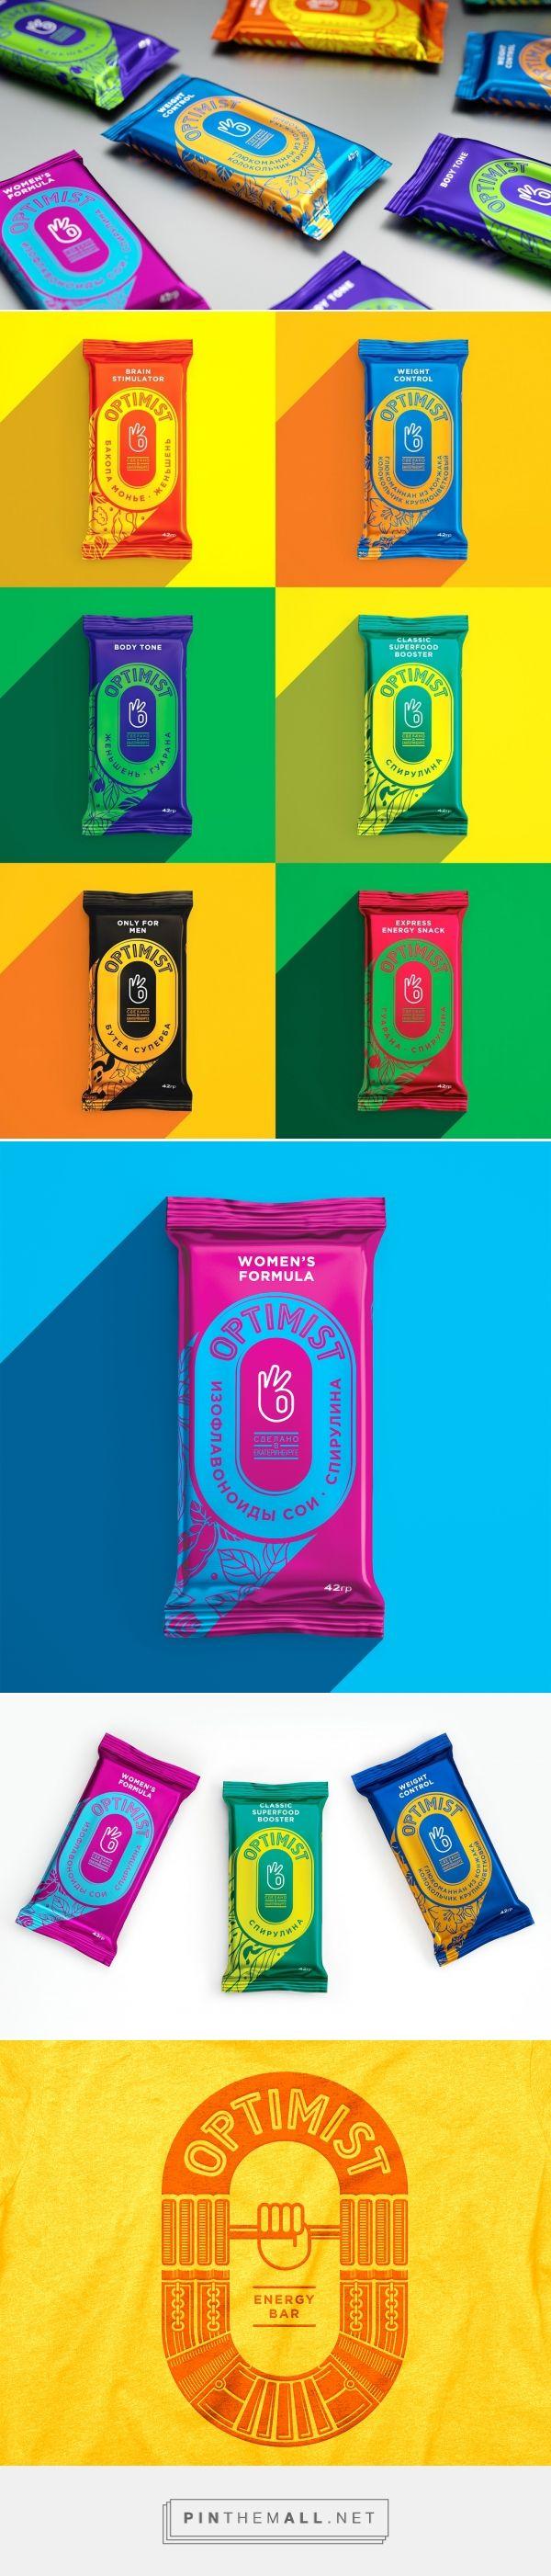 Optimist Energy Bars - Packaging of the World - Creative Package Design Gallery  - http://www.packagingoftheworld.com/2017/02/optimist.html